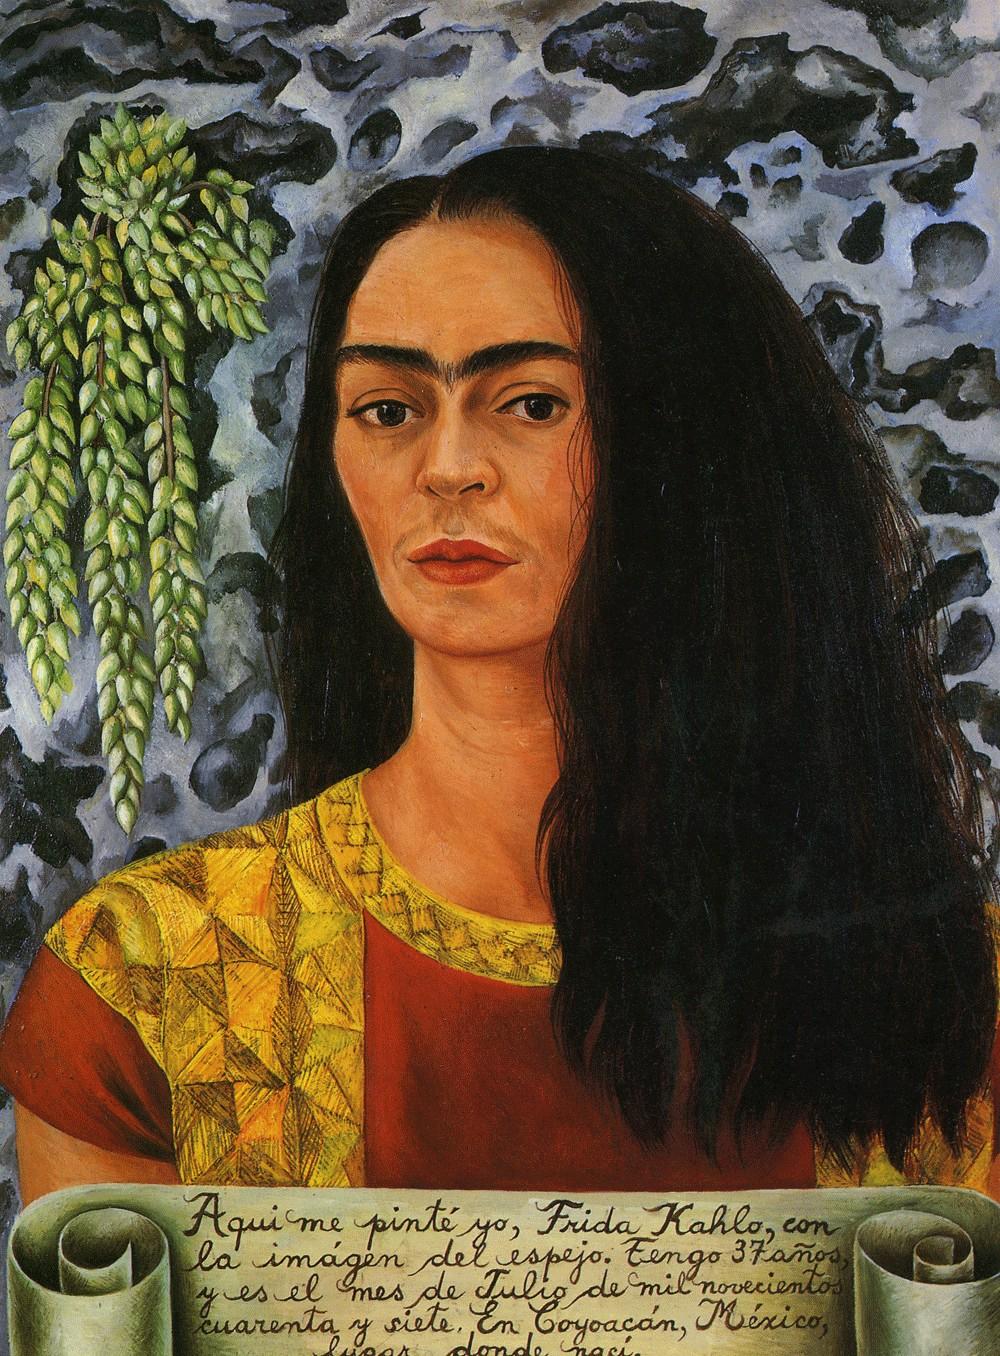 La Historia Detras De Diez Cuadros De Frida Khalo